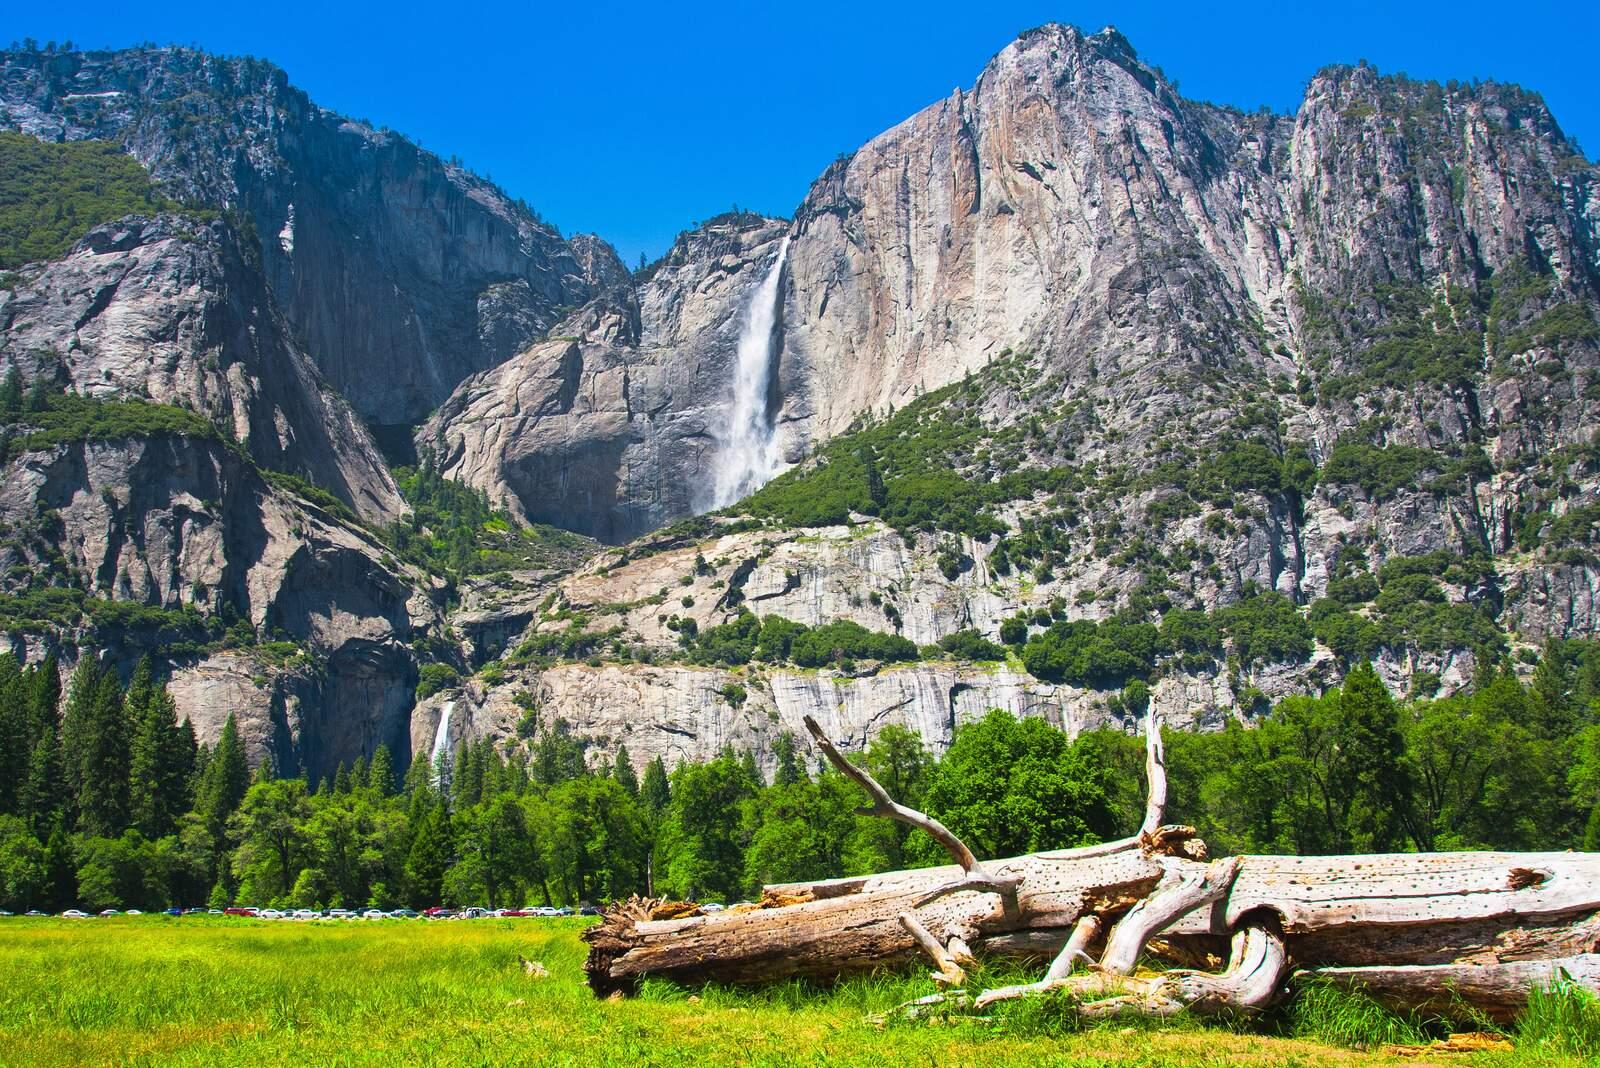 Yosemite Falls im Yosemite National Park, Kalifornien